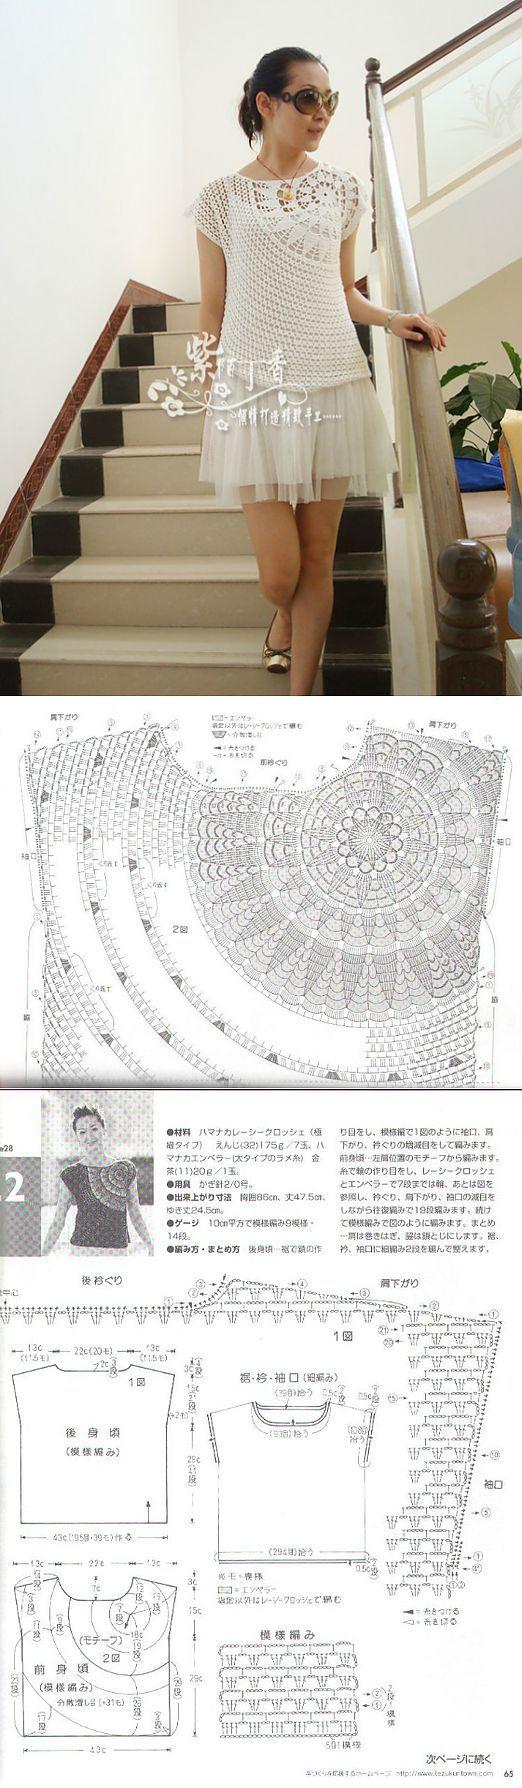 Especial vestidos de crochê com gráficos - Confira os modelos e looks em crochê